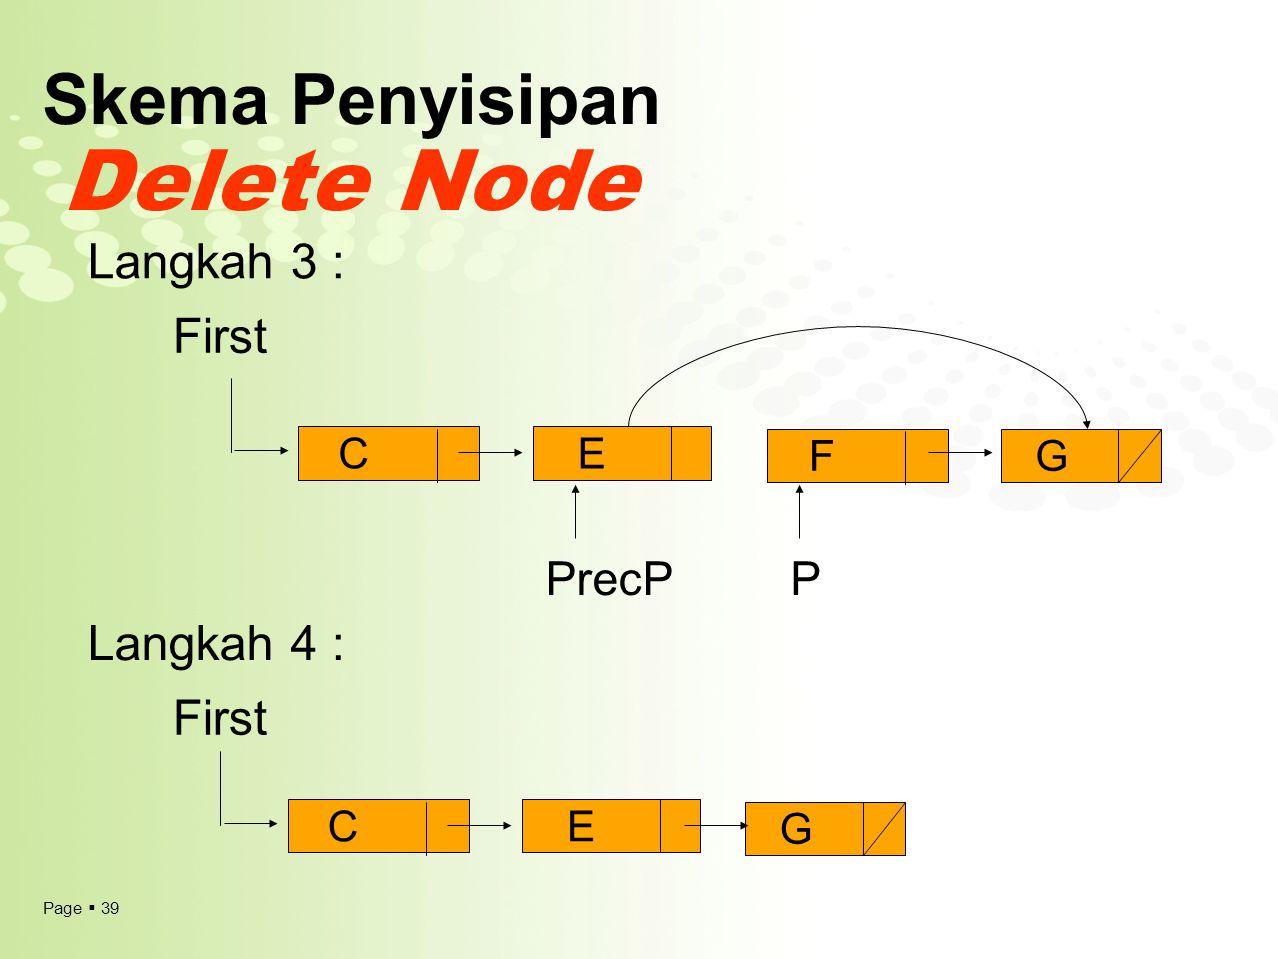 Page  39 Skema Penyisipan Delete Node First Langkah 3 : Langkah 4 : CE FG CE G PrecPP